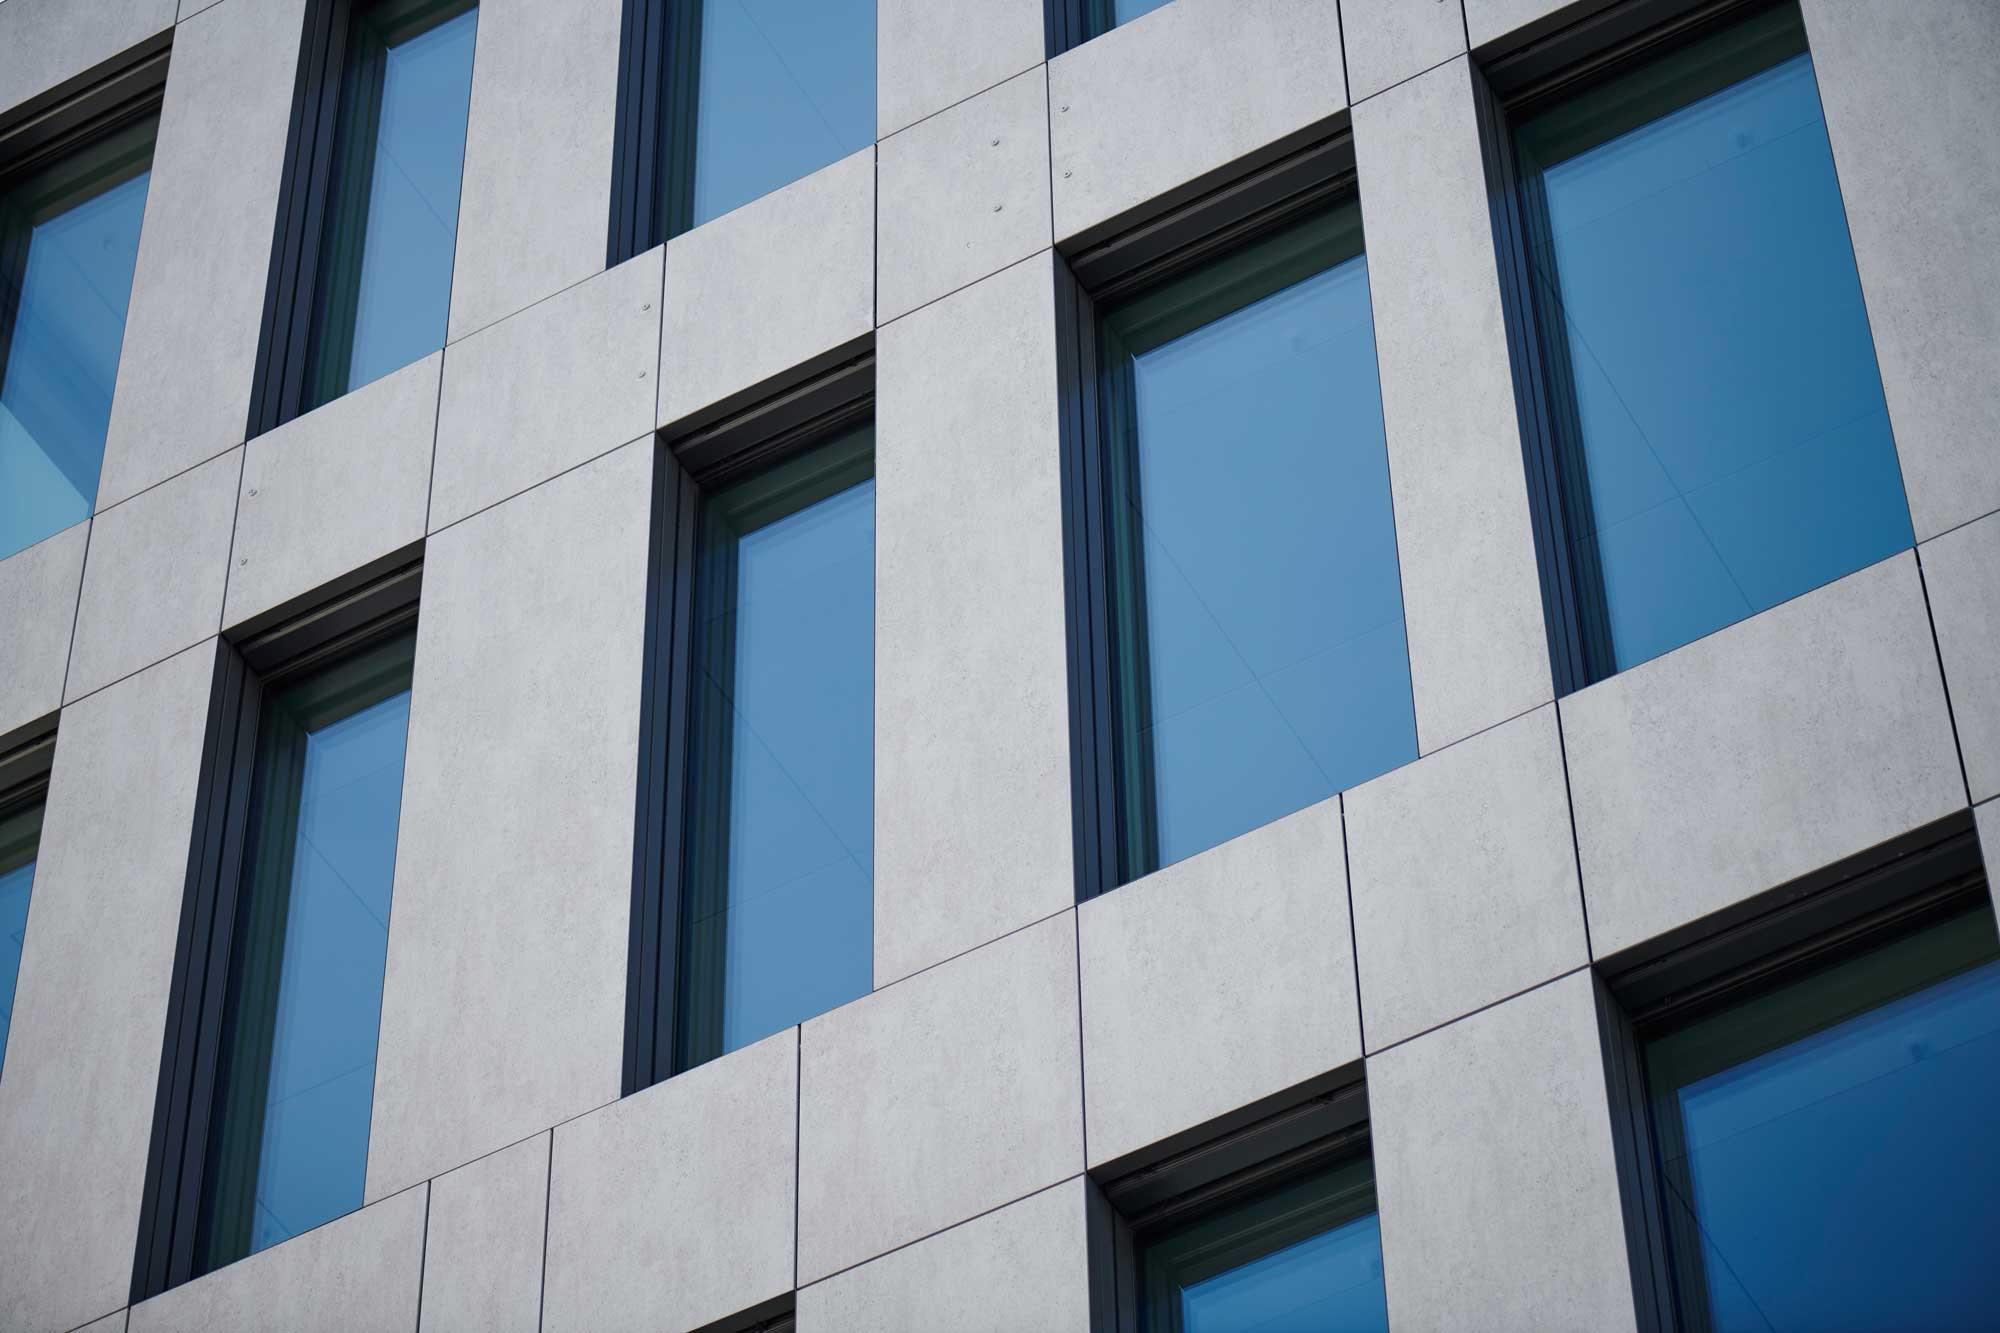 Interview mit Architekt Walter Schelle – DKTN- Ästhetisch und funktional  - 20200710 Kap West  Munchen 0523 48